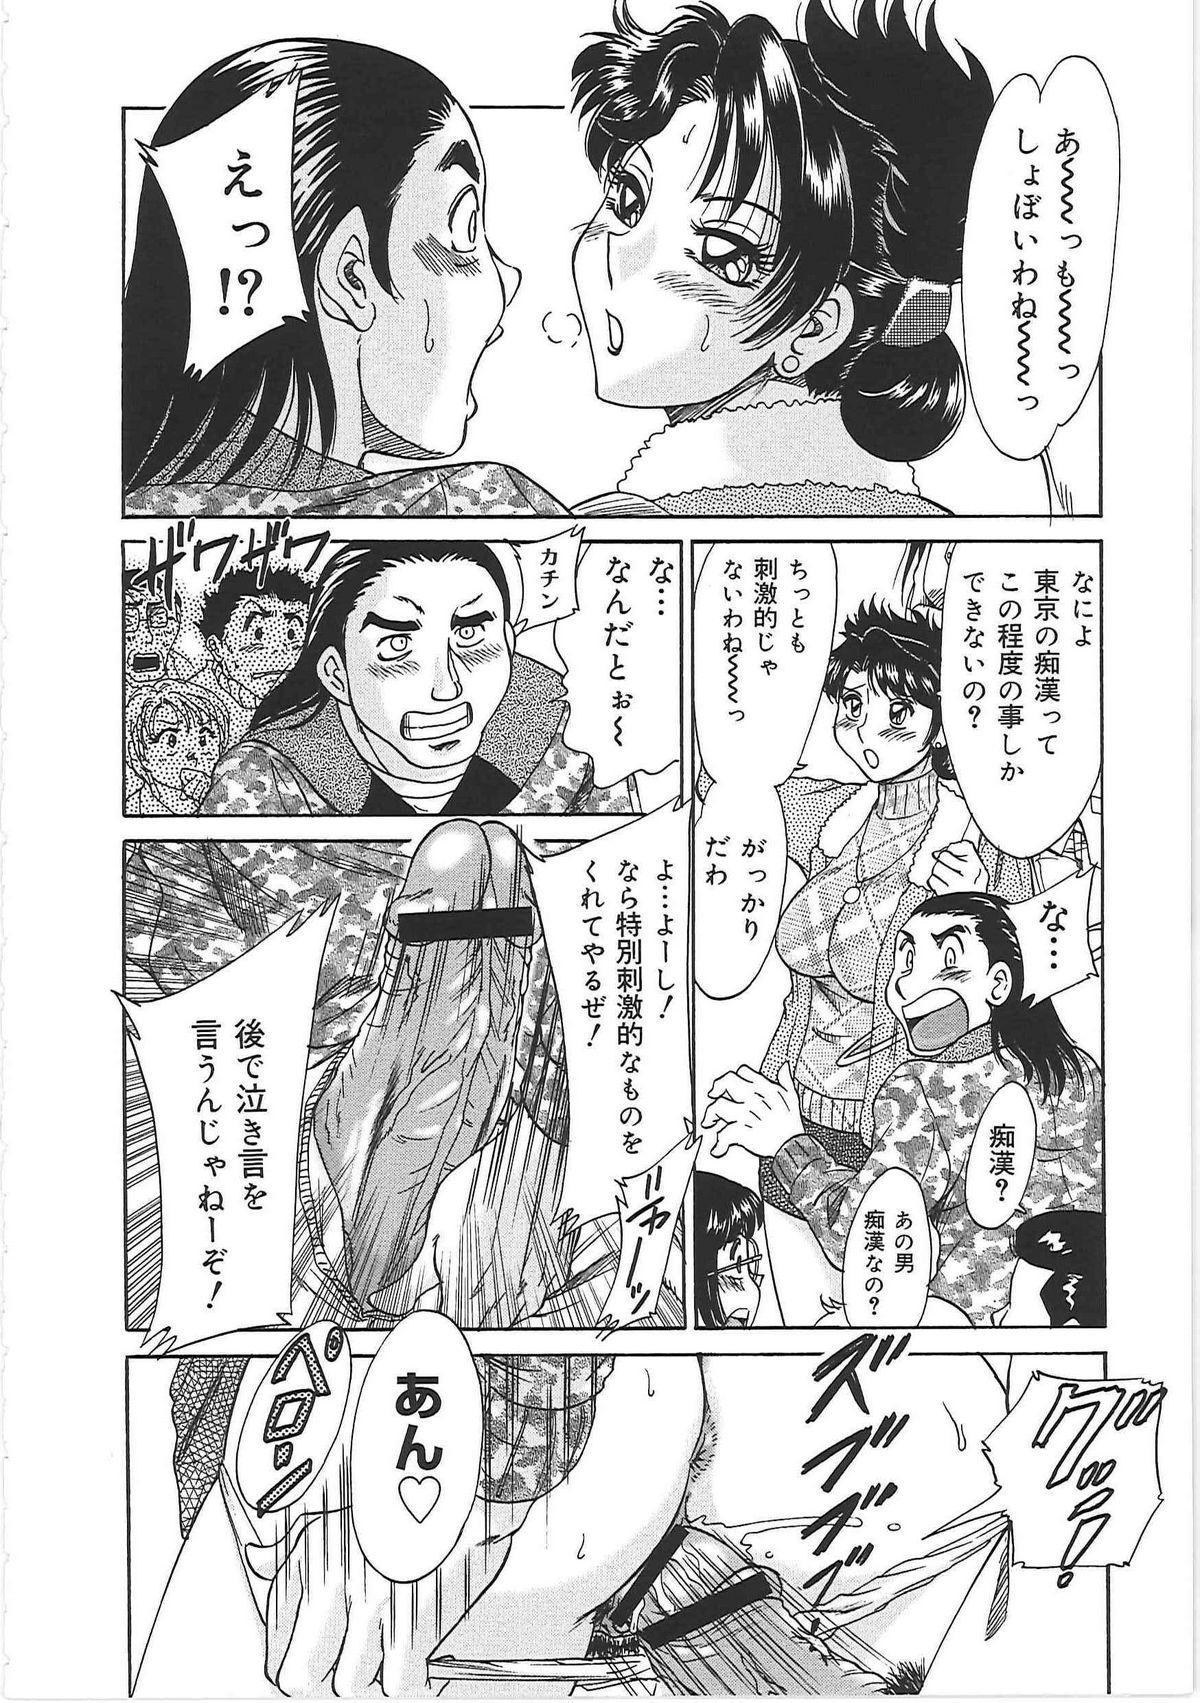 [Chanpon Miyabi] Cho-Onesan Tengoku 6 -Tenrakuhen- 13